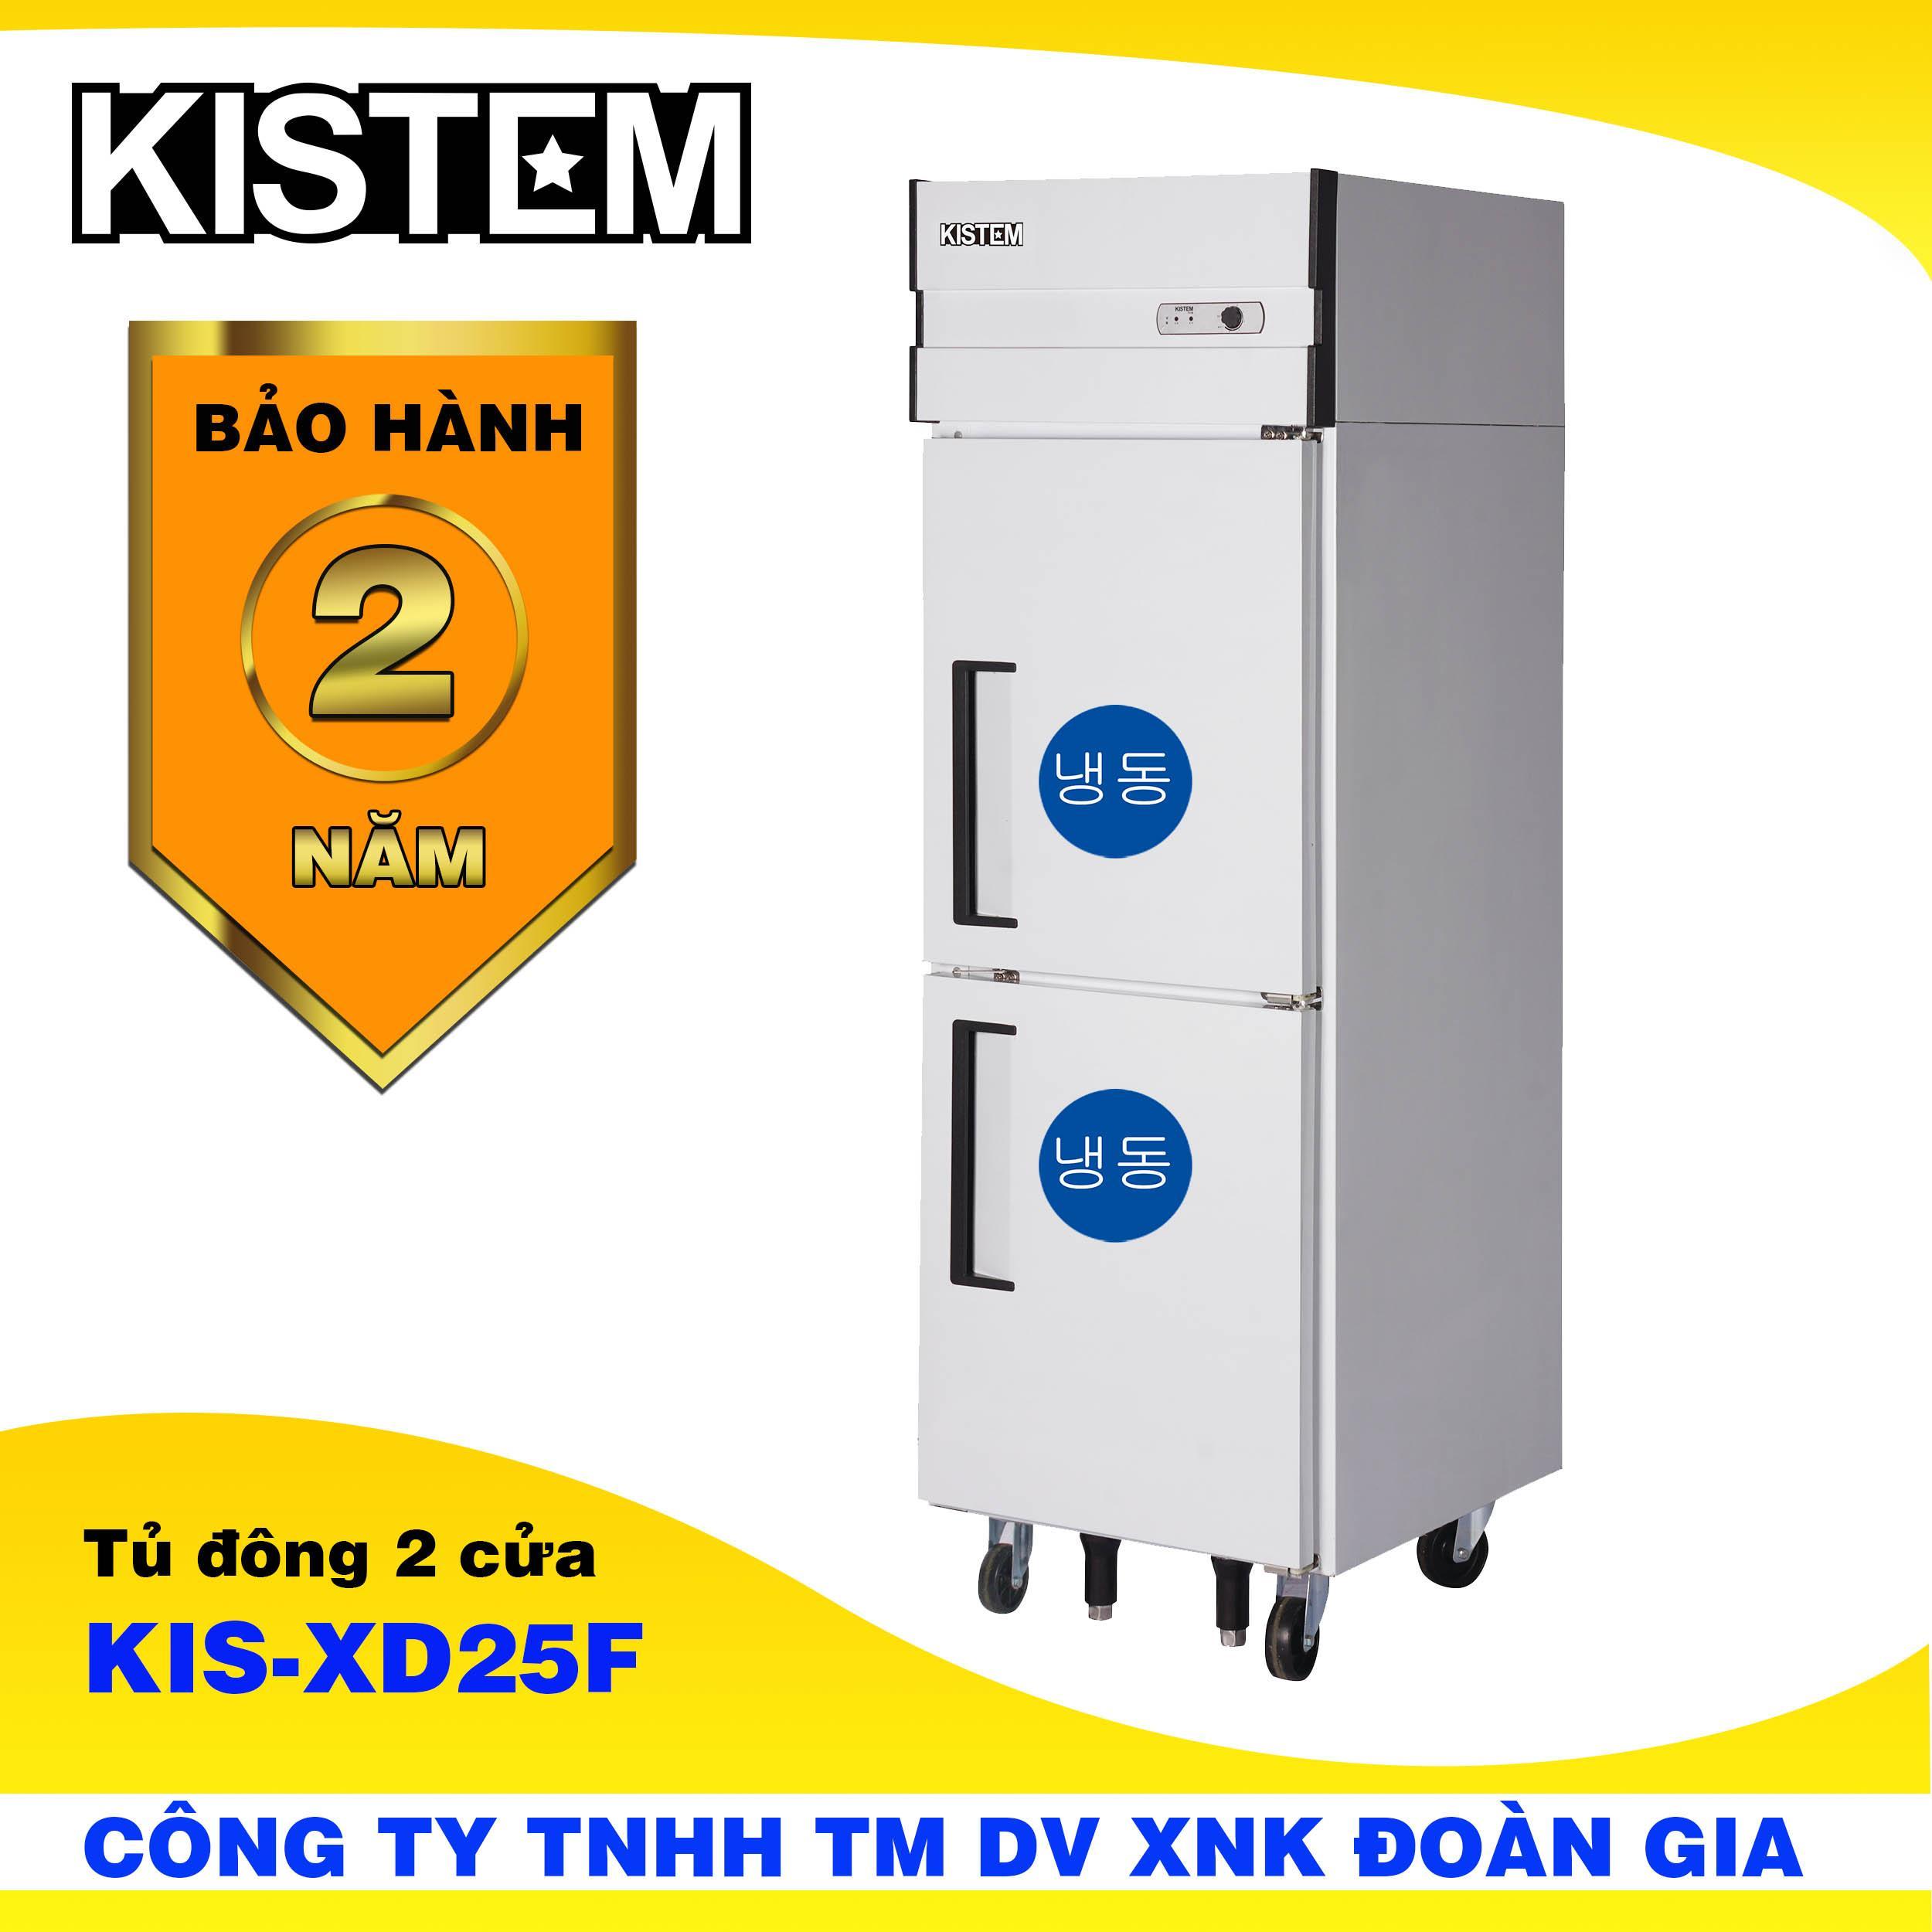 Tủ đông Kistem 369L KIS-XD25F Trắng ( 2 cửa )